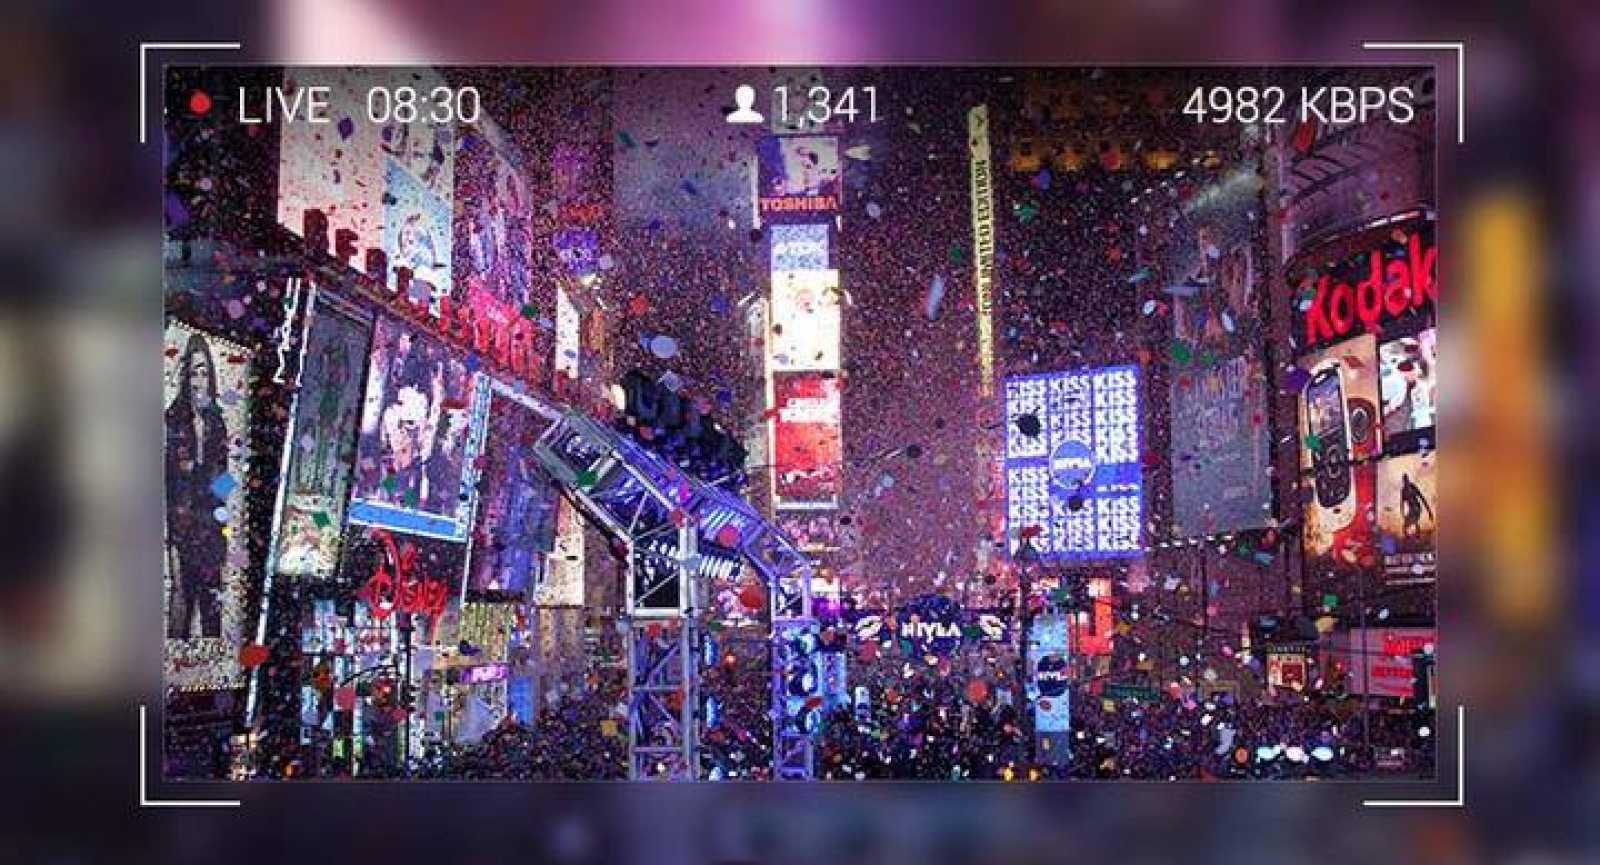 Reproducción de la vista de un evento en directo con Google Glass.